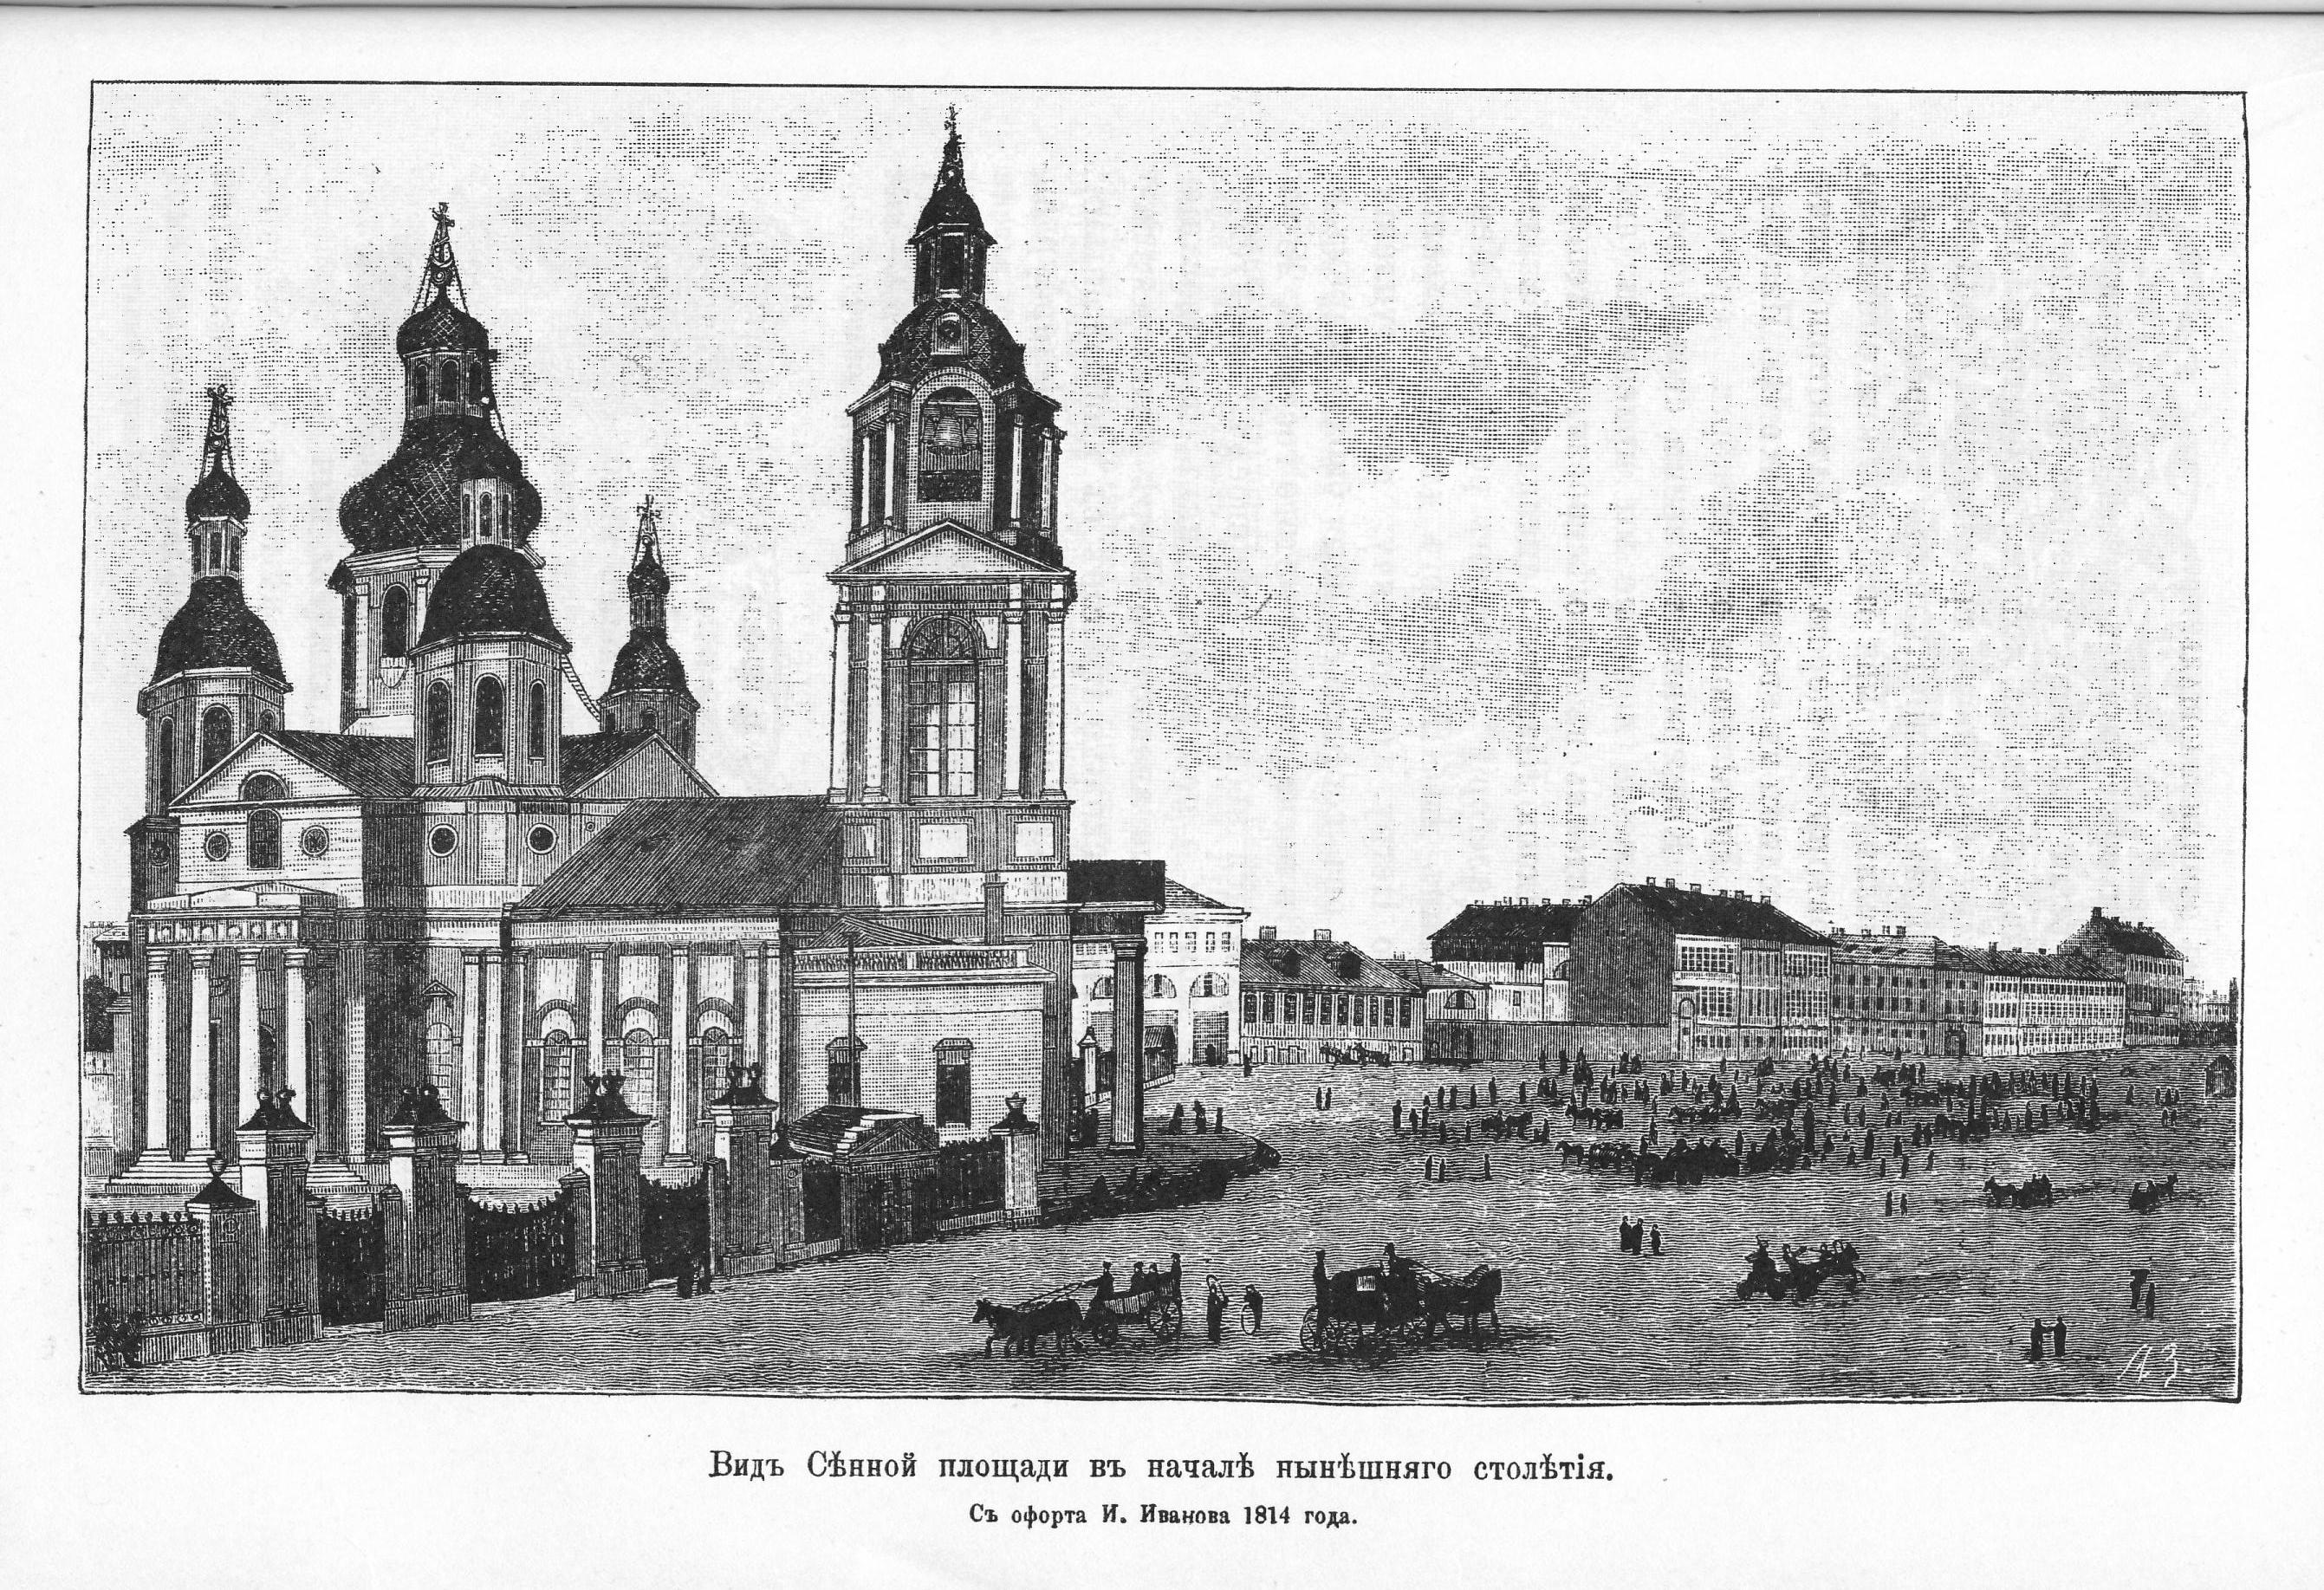 Вид Сенной площади